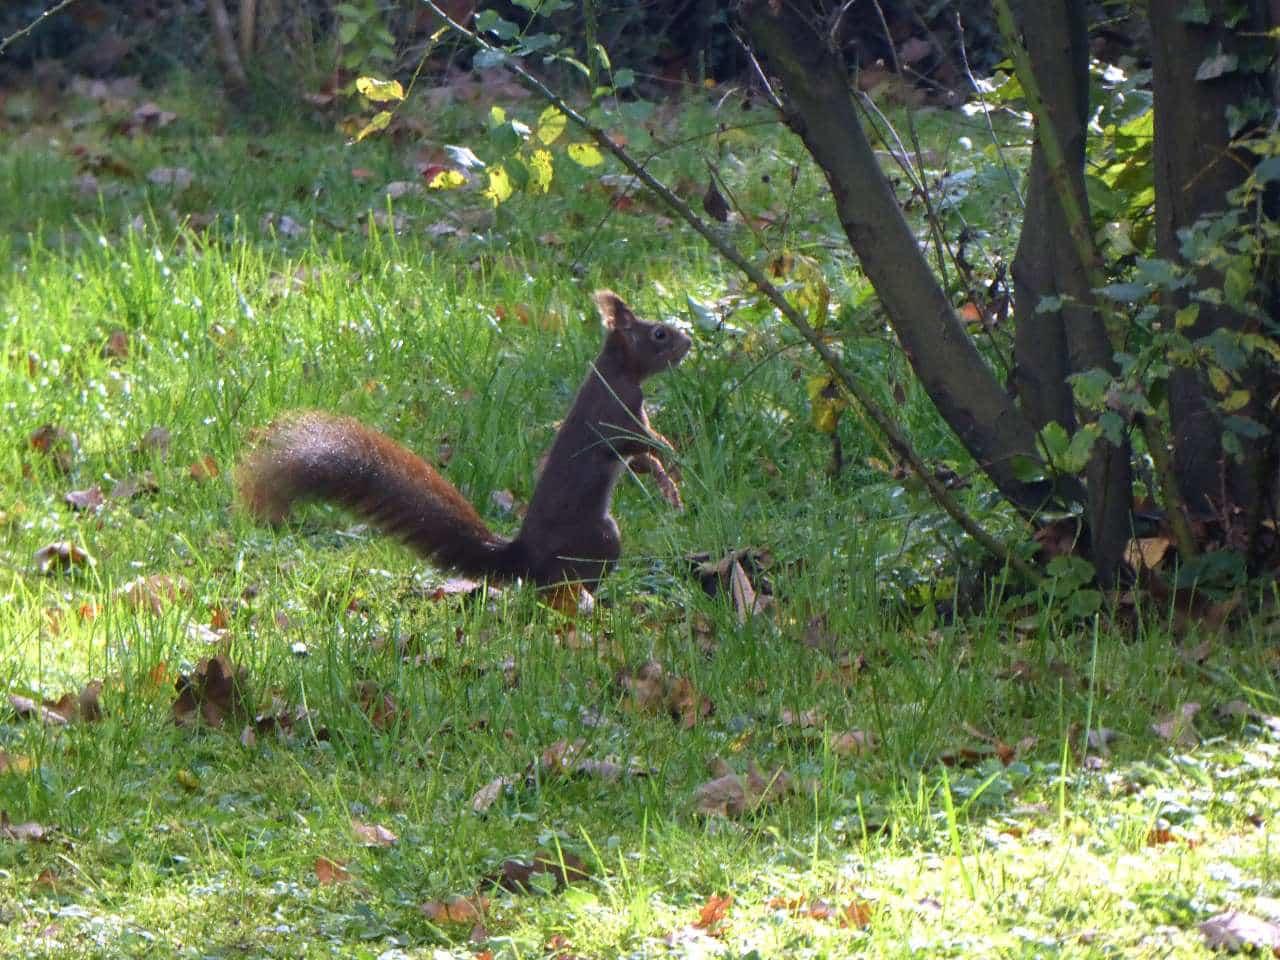 Ein Eichhörnchen ist in freier Wildbahn besser unterwegs...